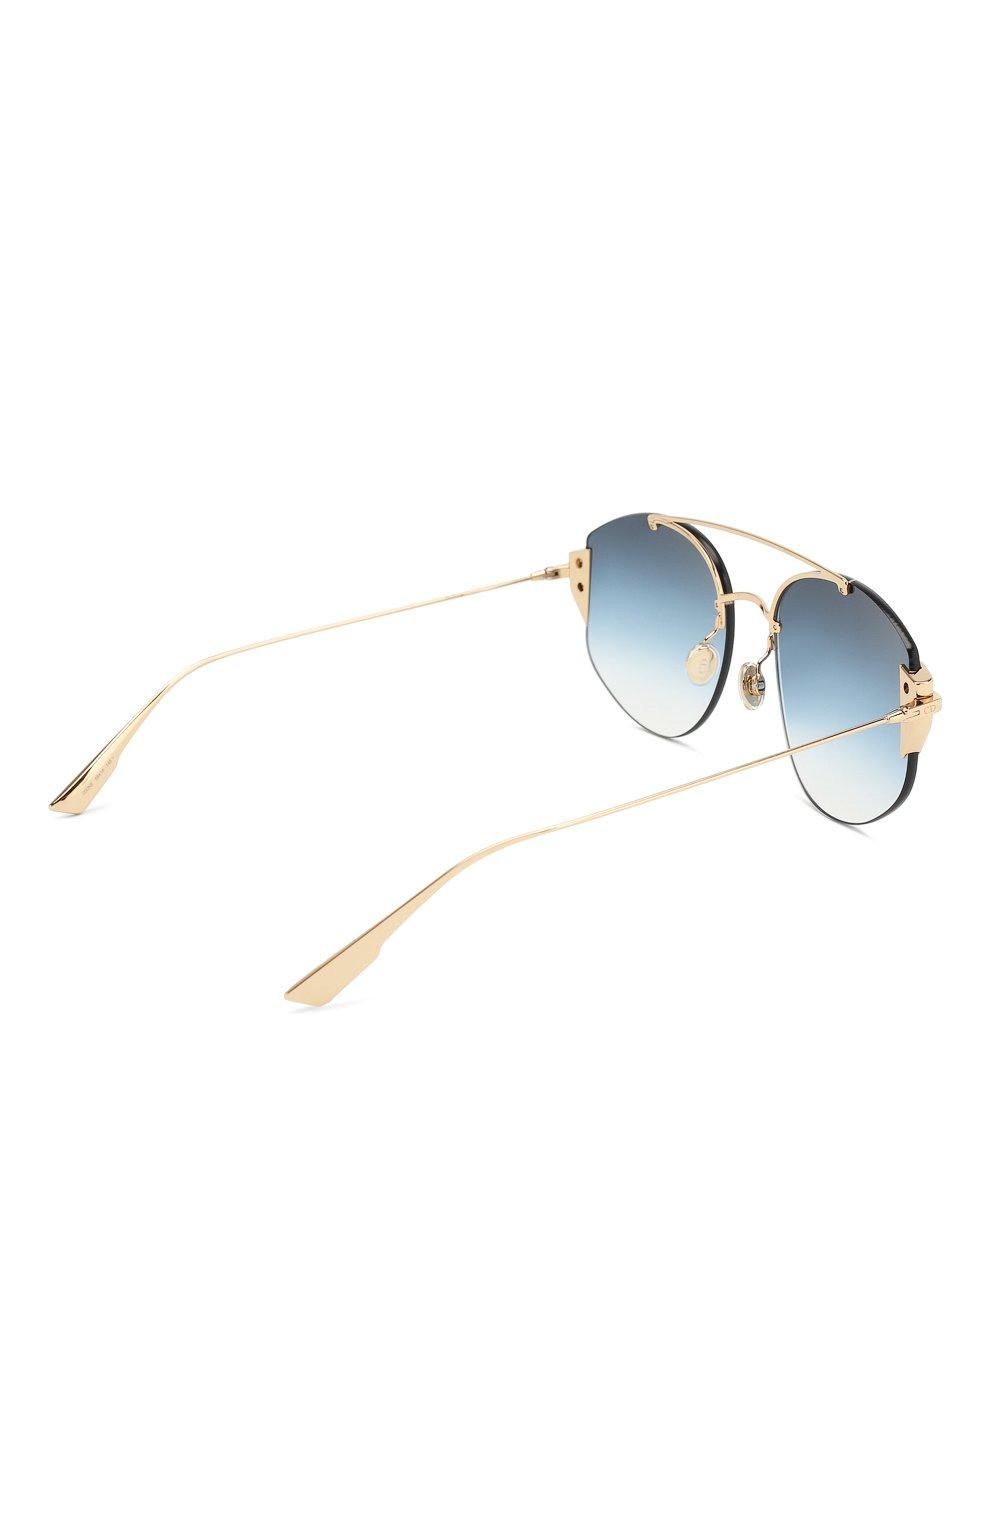 Женские солнцезащитные очки DIOR синего цвета, арт. DI0RSTR0NGER 000 NE | Фото 4